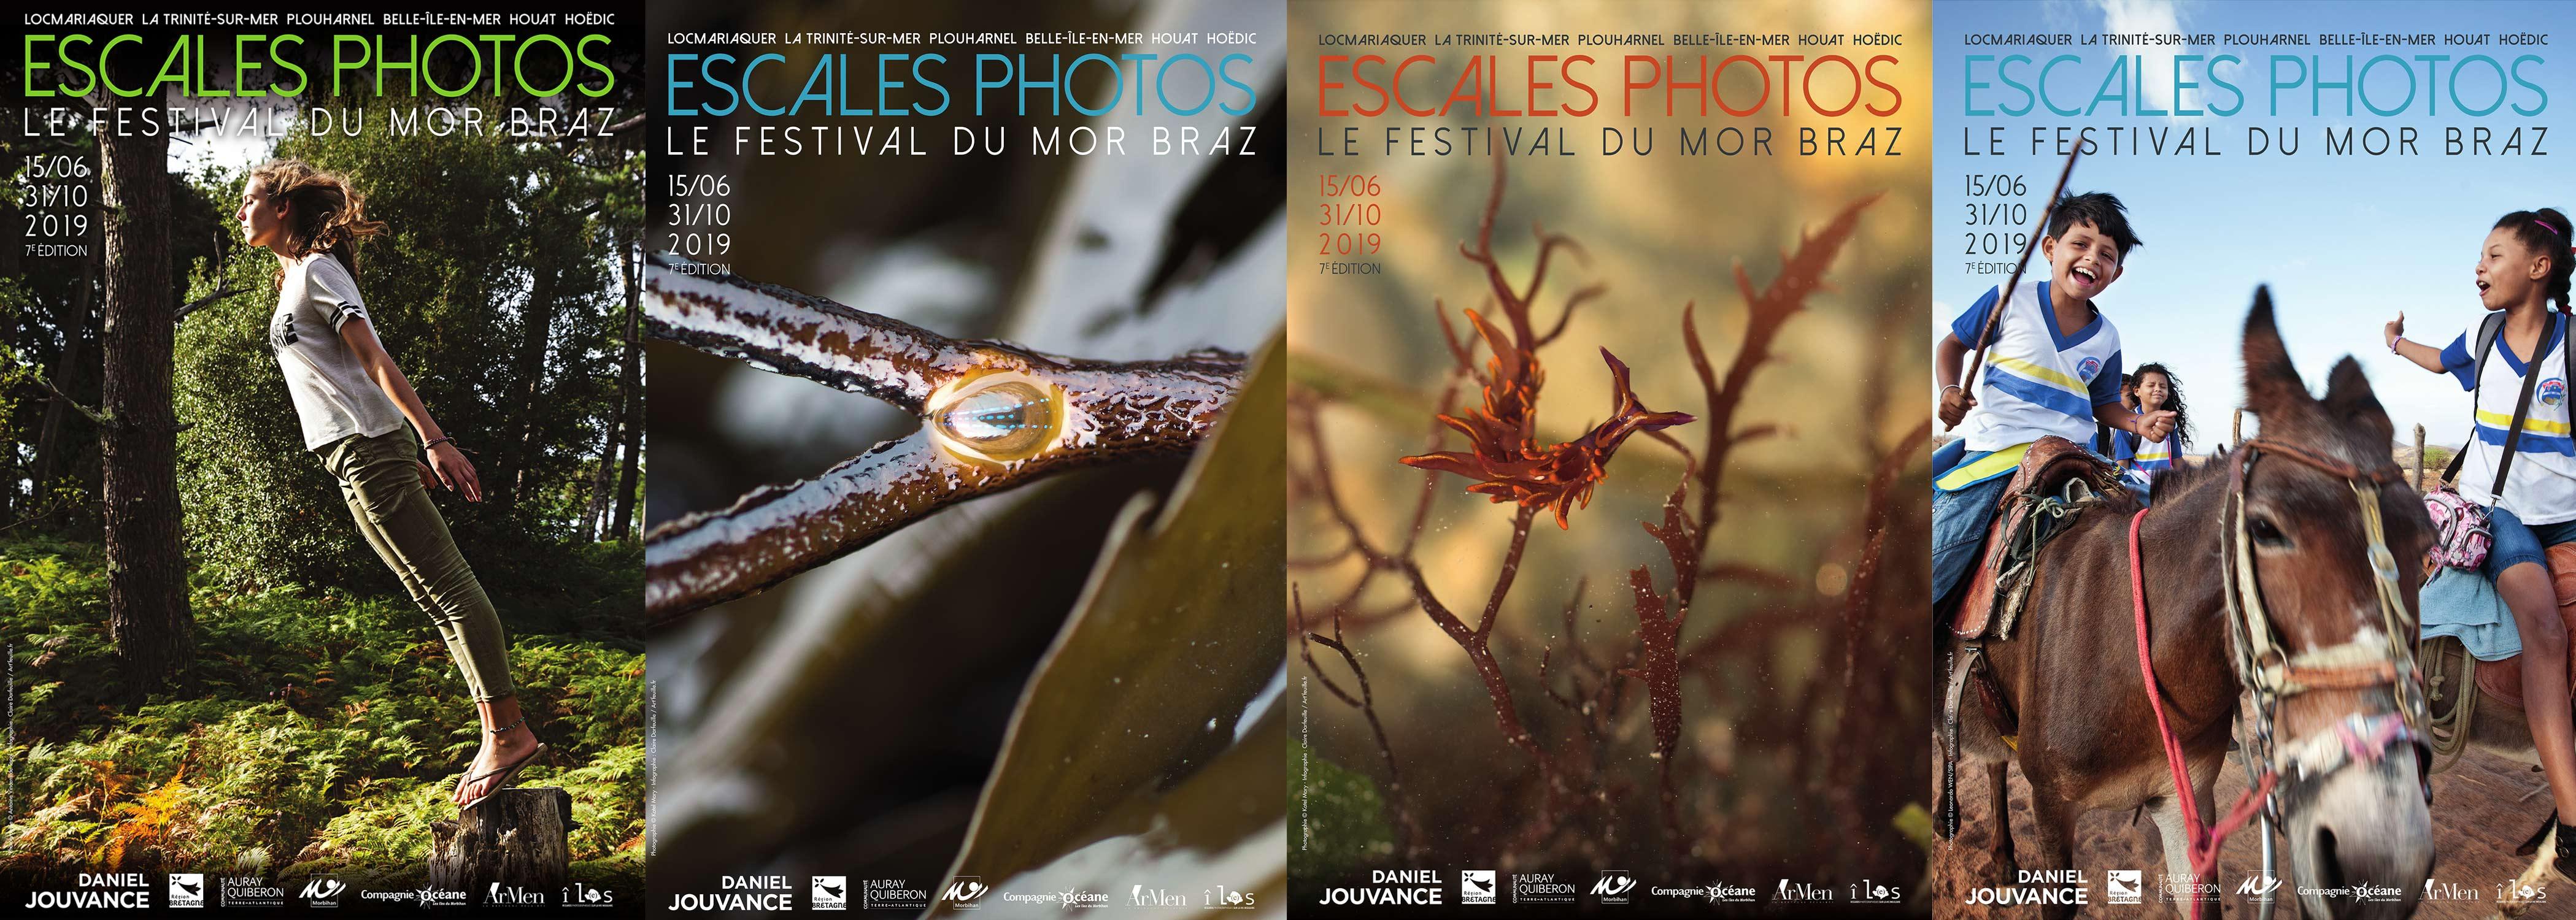 Les 4 affiches de l'édition 2019 du festival escales photos